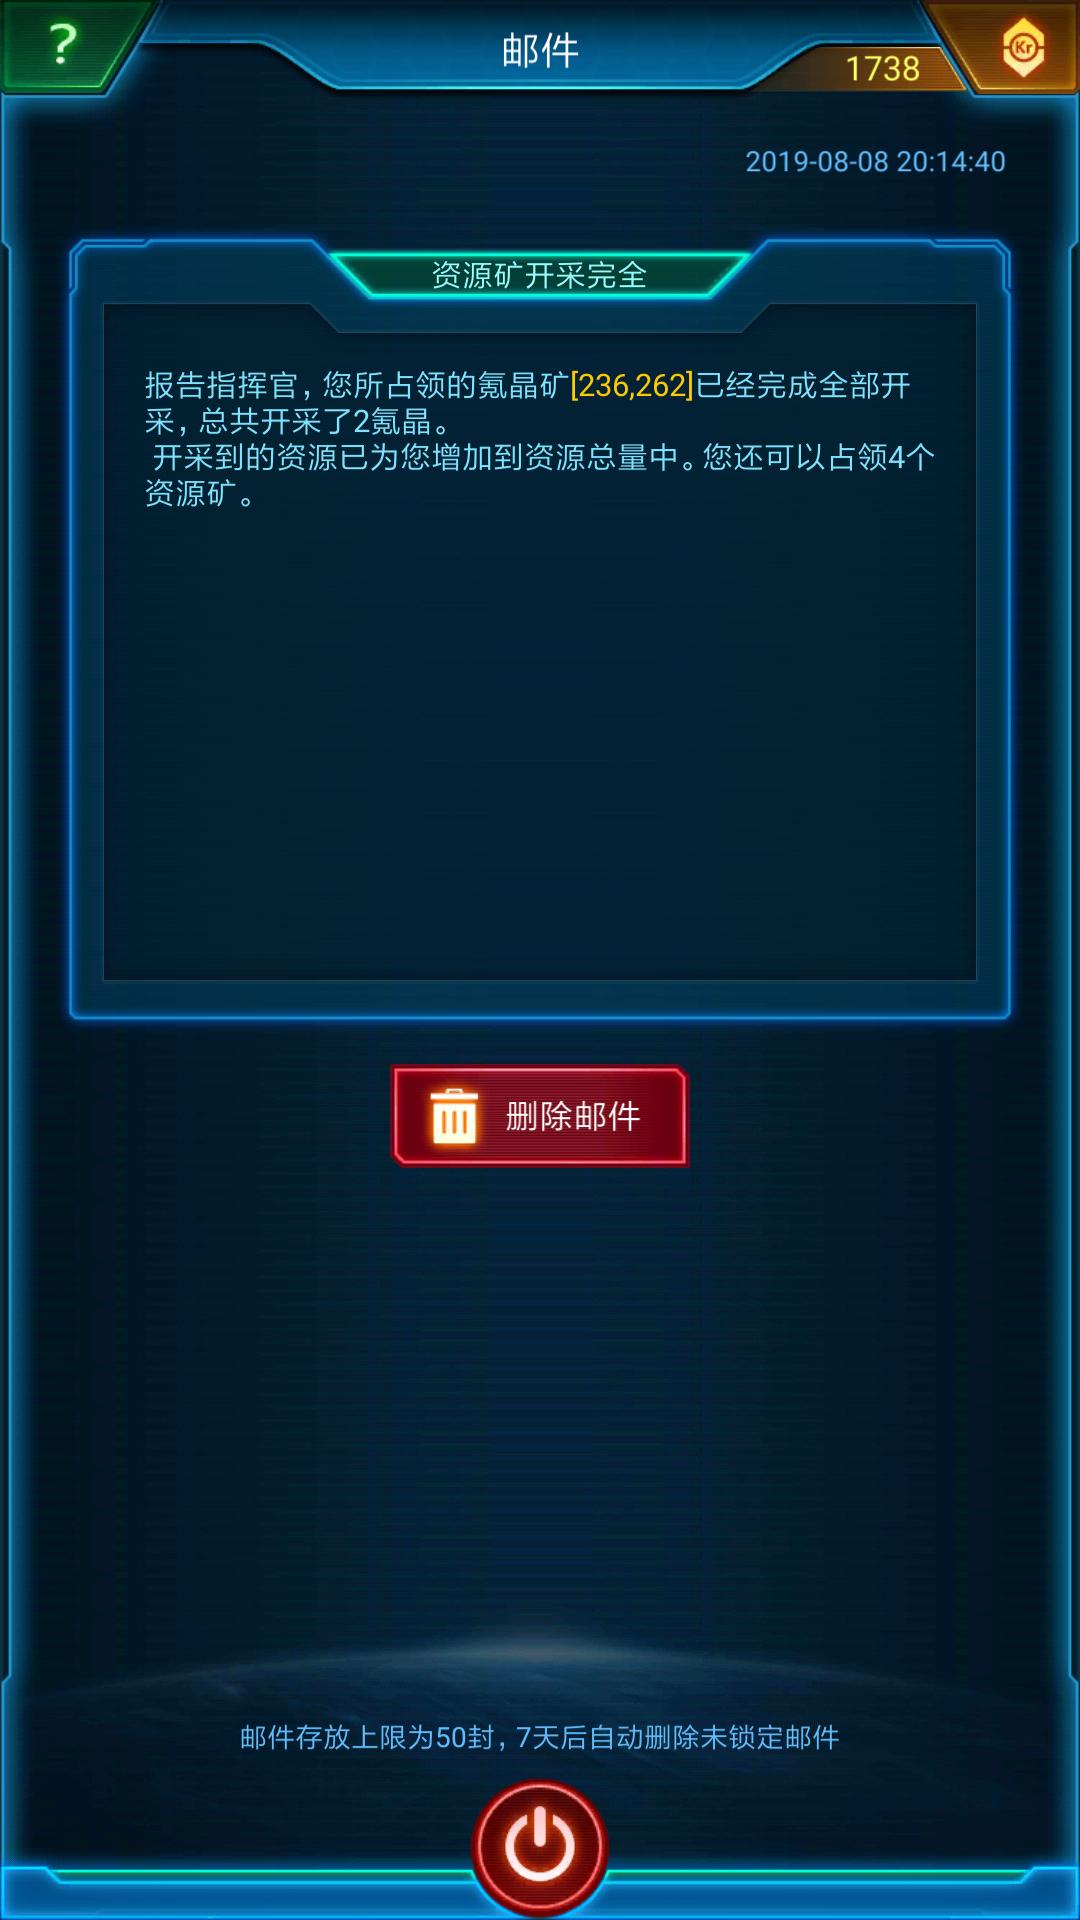 Screenshot_2019-08-08-20-24-34-598_com.tencent.tmgp.p16s.png